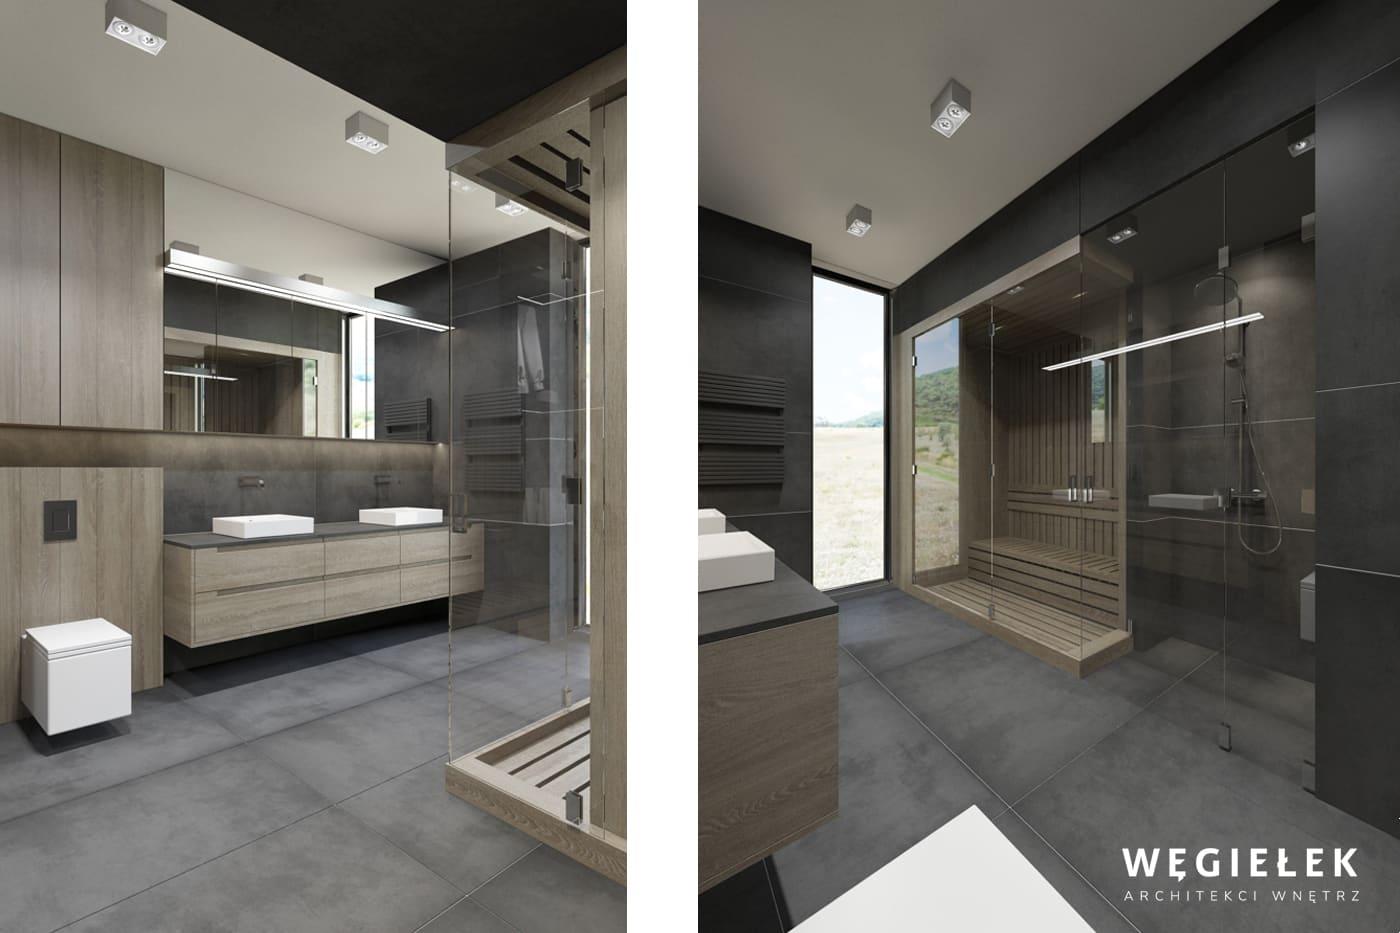 09-łazienka-z-sauną-1